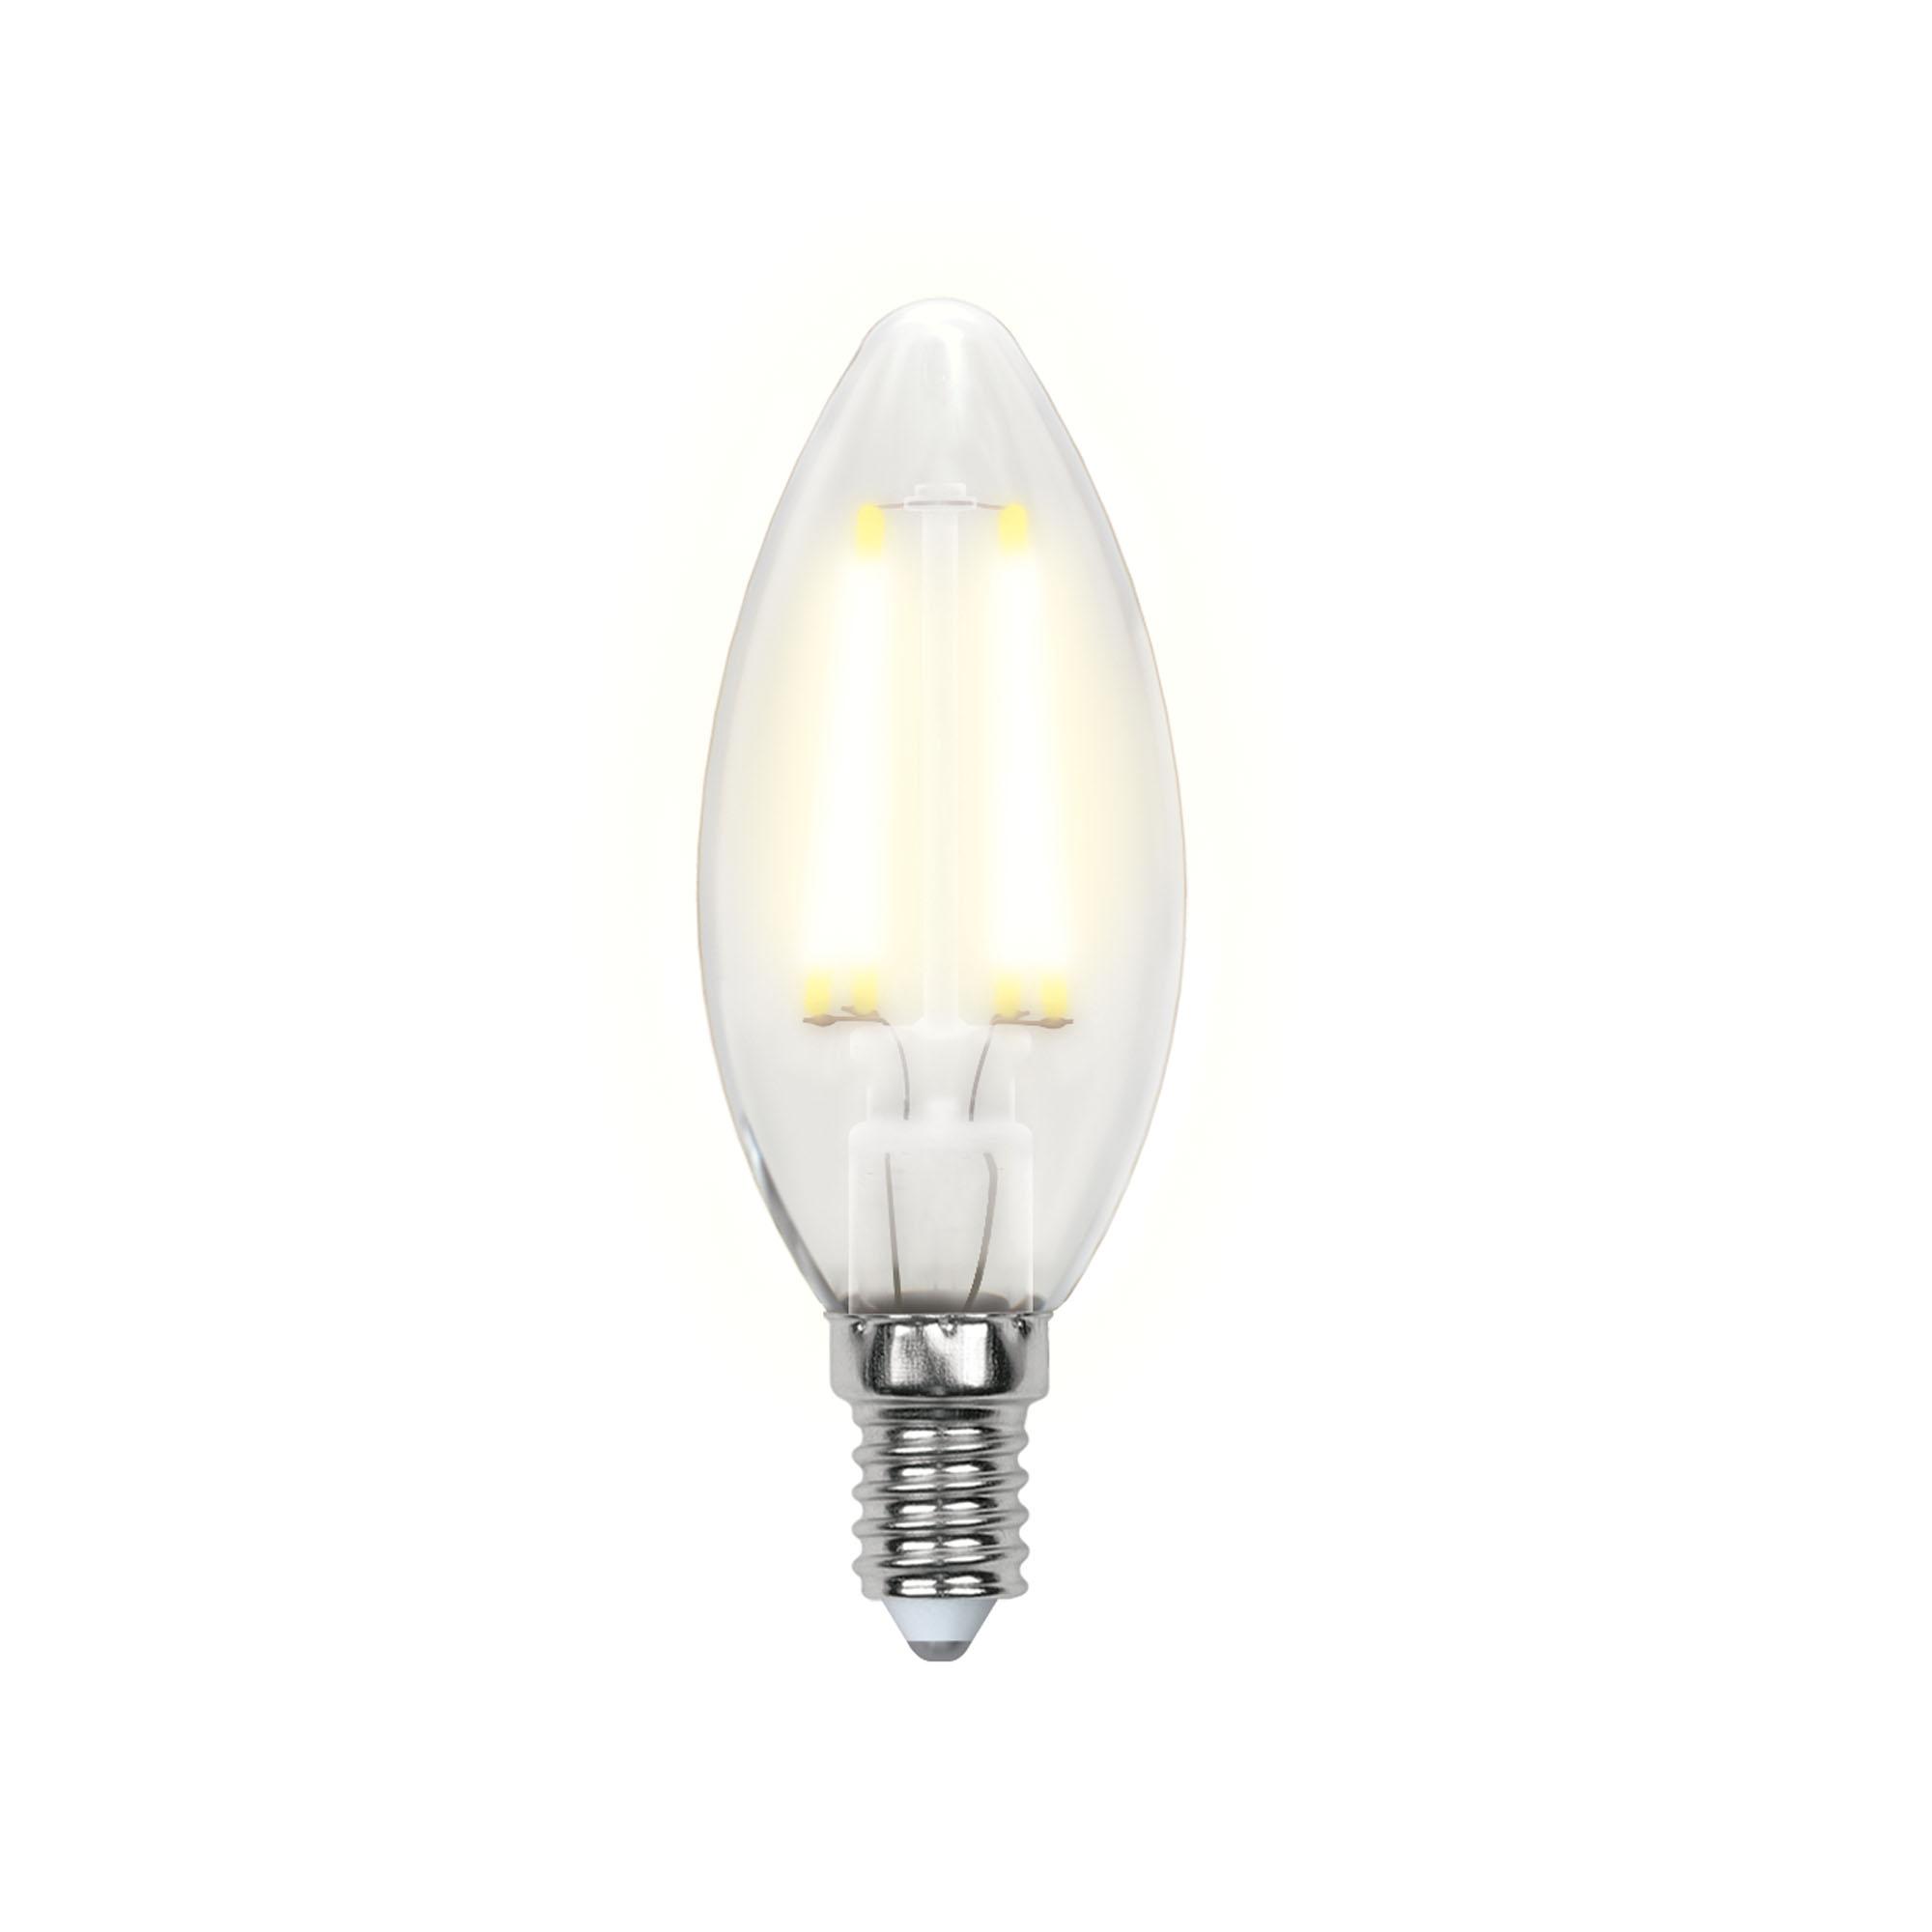 Лампа светодиодная Uniel Led-c35-6w/ww/e14/fr pls02wh 10шт uniel лампа светодиодная 08137 e14 6w 3000k свеча на ветру матовая led cw37 6w ww e14 fr alm01wh